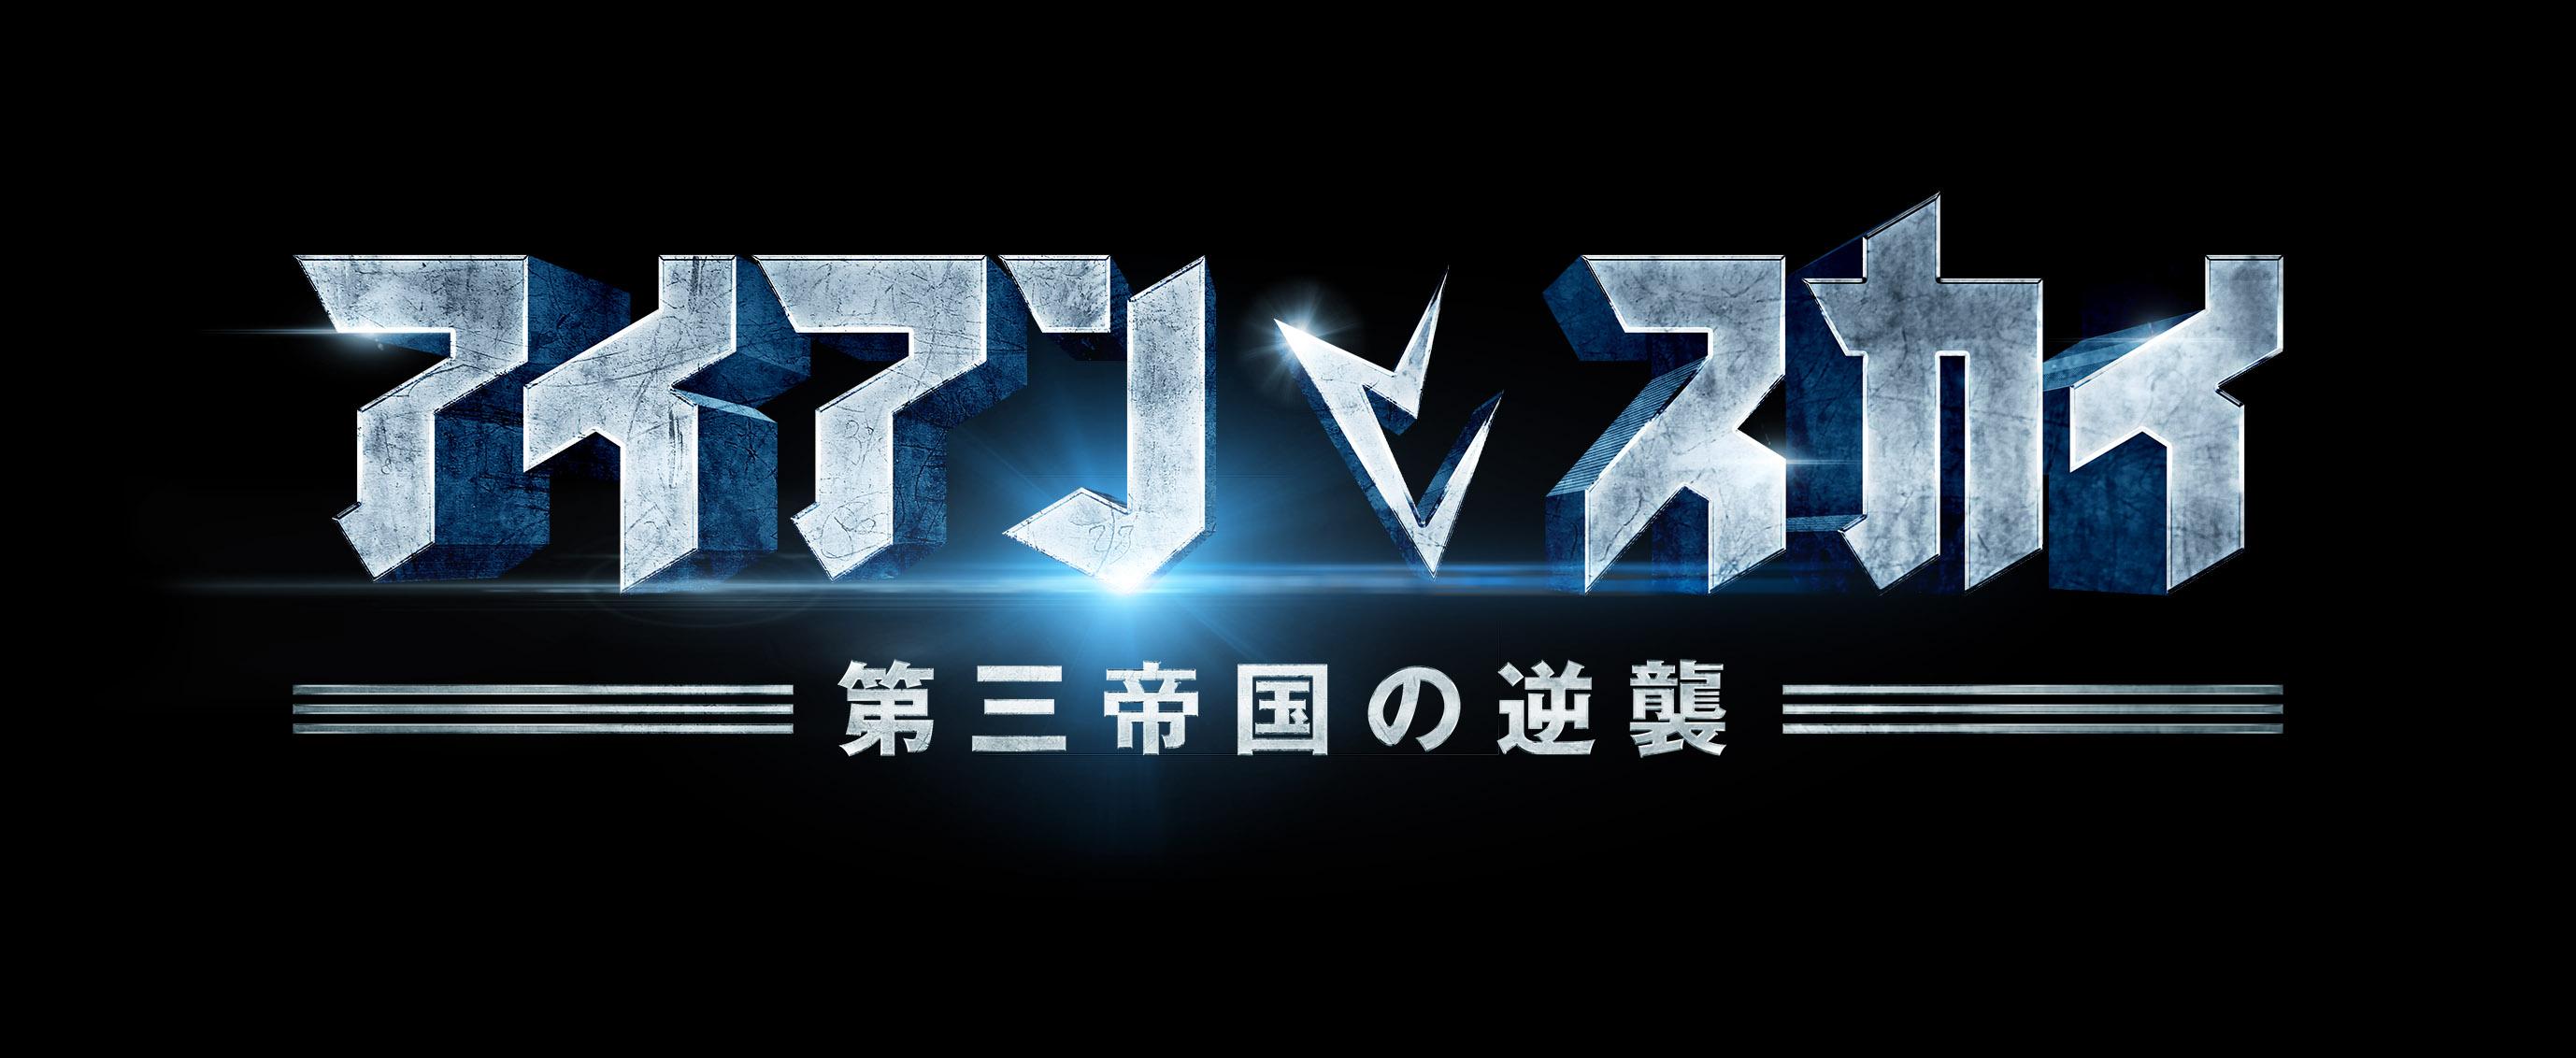 ironsky-gyakushu